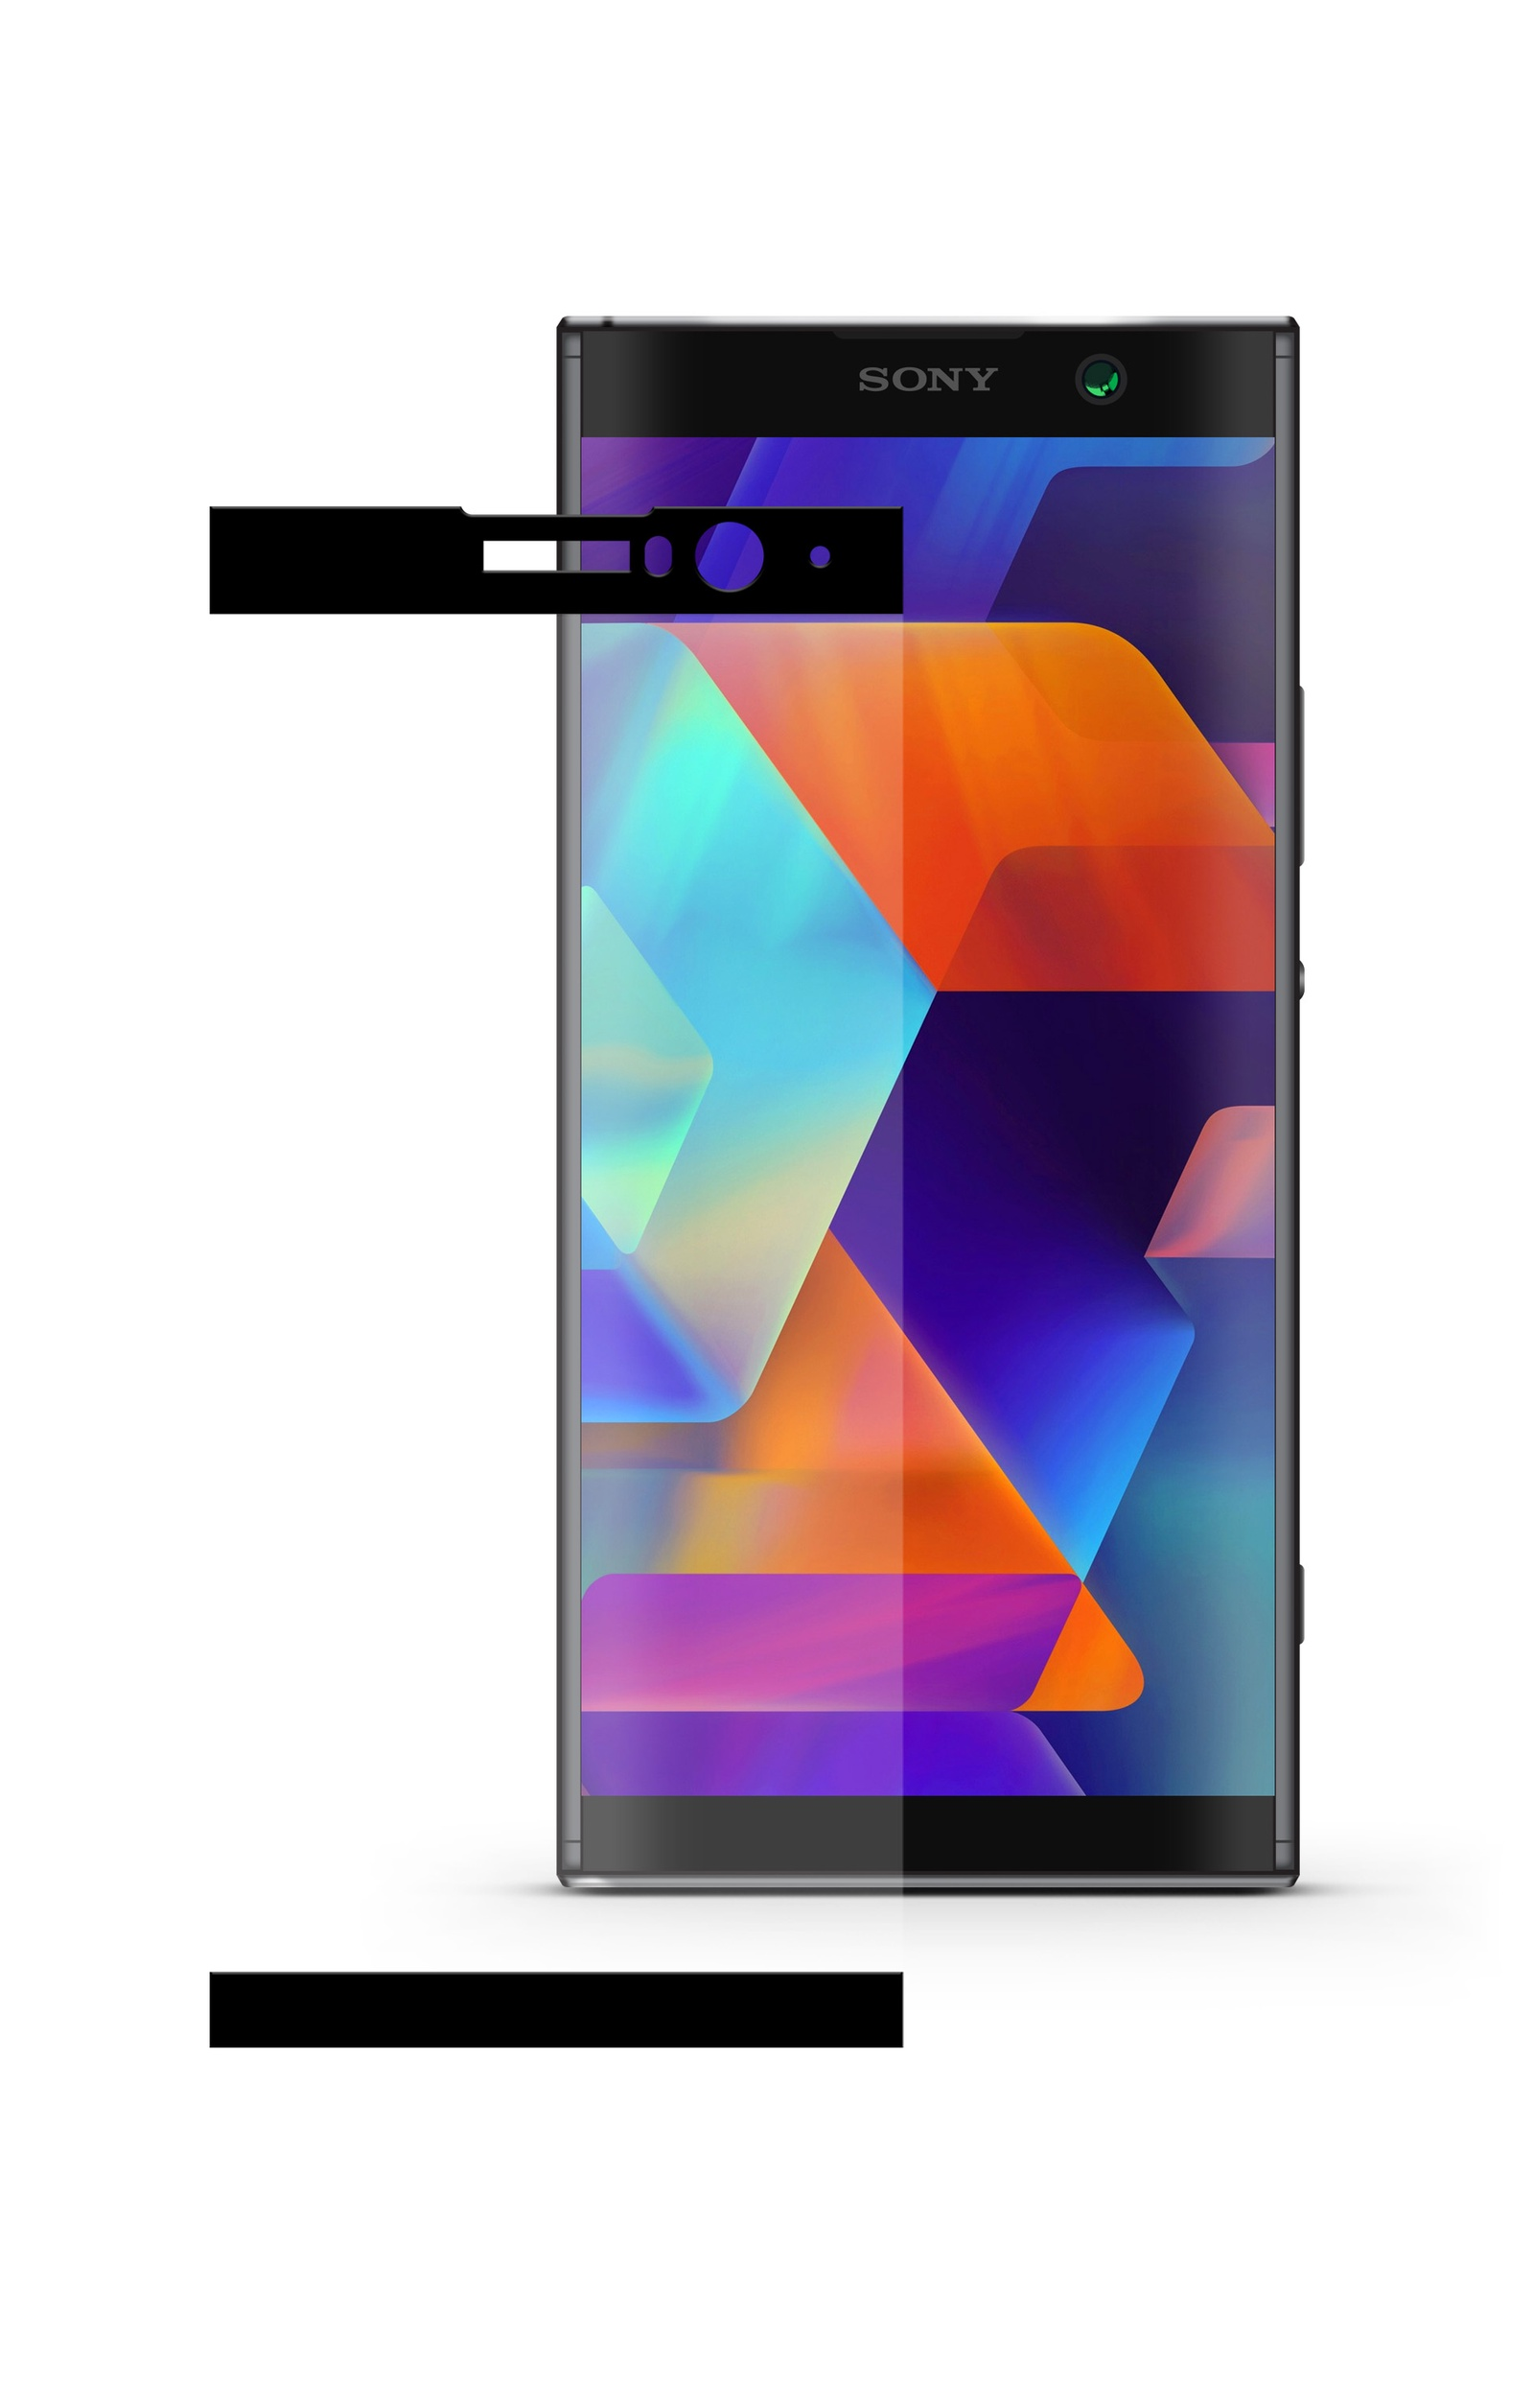 Защитное стекло Mobius для Sony Xperia XA2 Plus 3D Full Cover (Black) аксессуар защитное стекло mobius для honor 7c pro 3d full cover black 4232 208